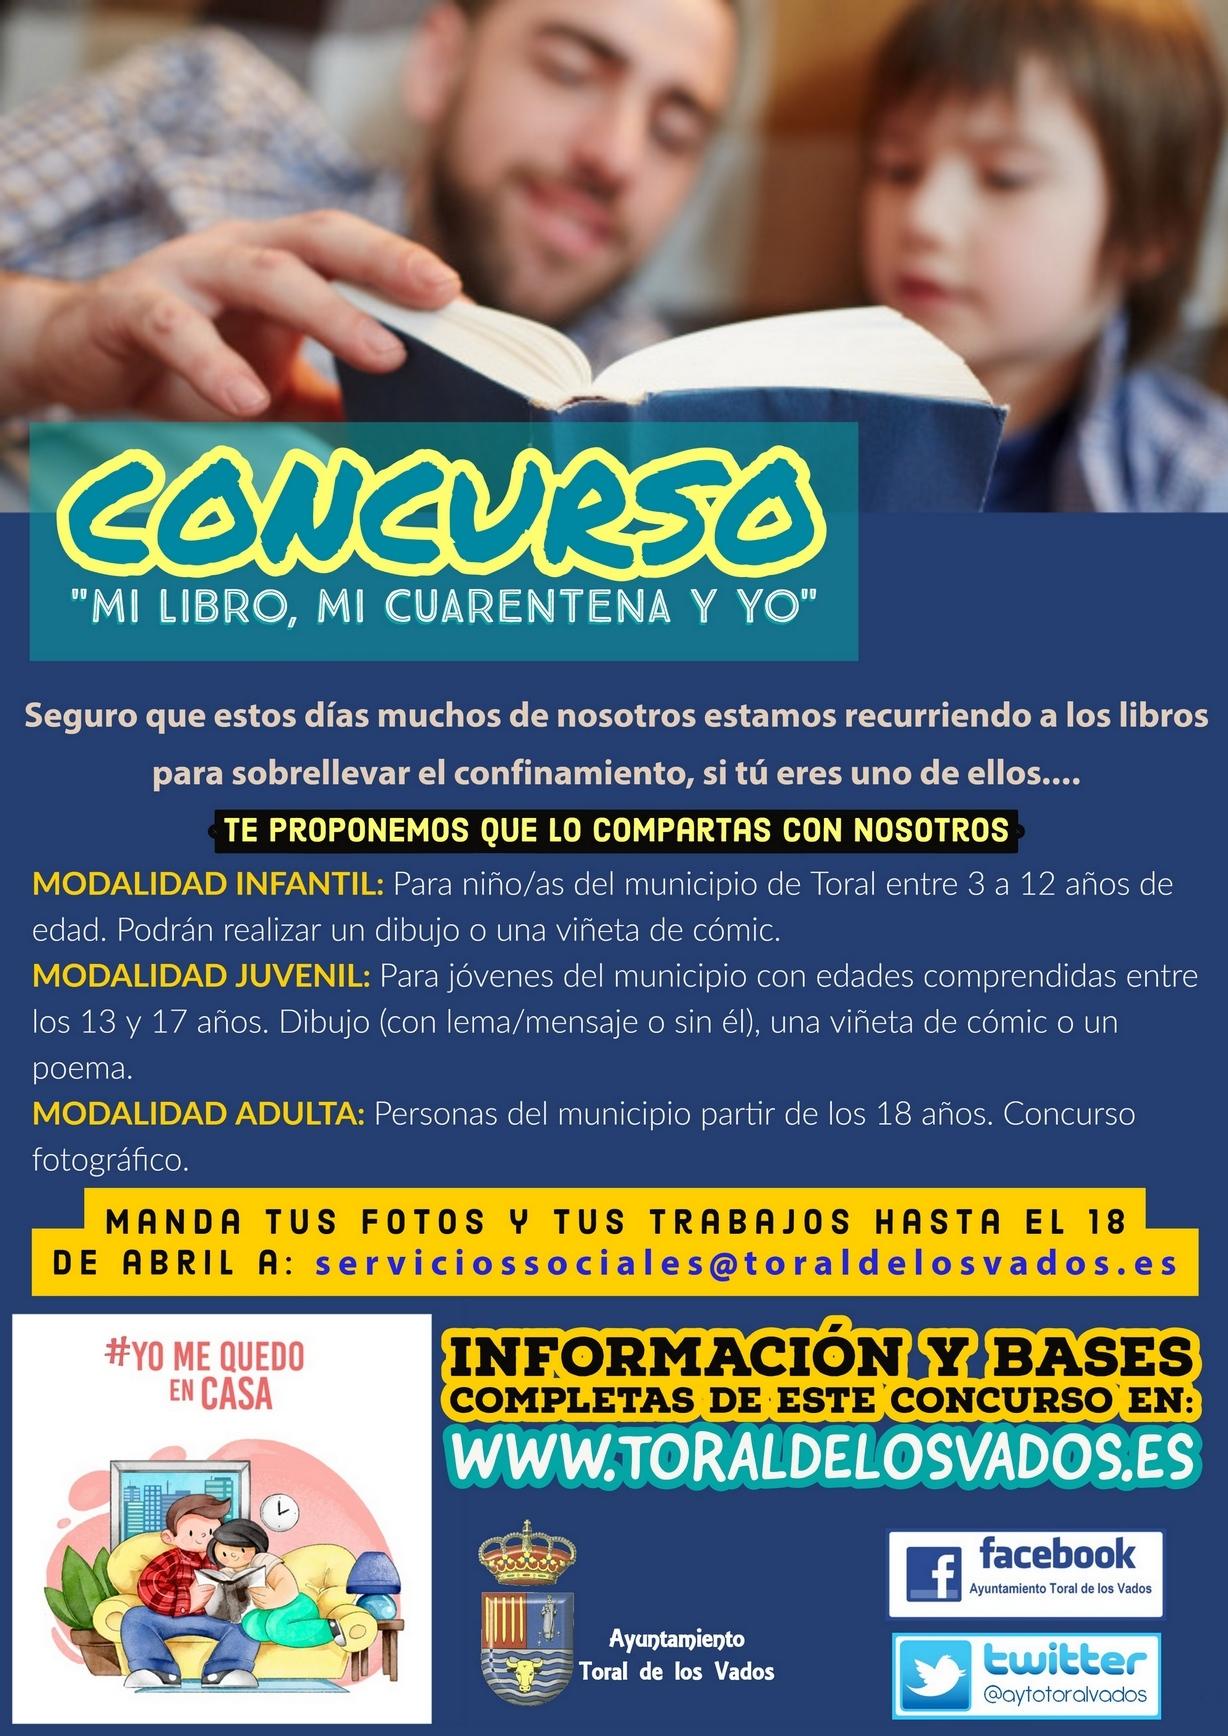 Toral de los Vados te propone el concurso: Mi Libro, mi cuarentena y yo 2